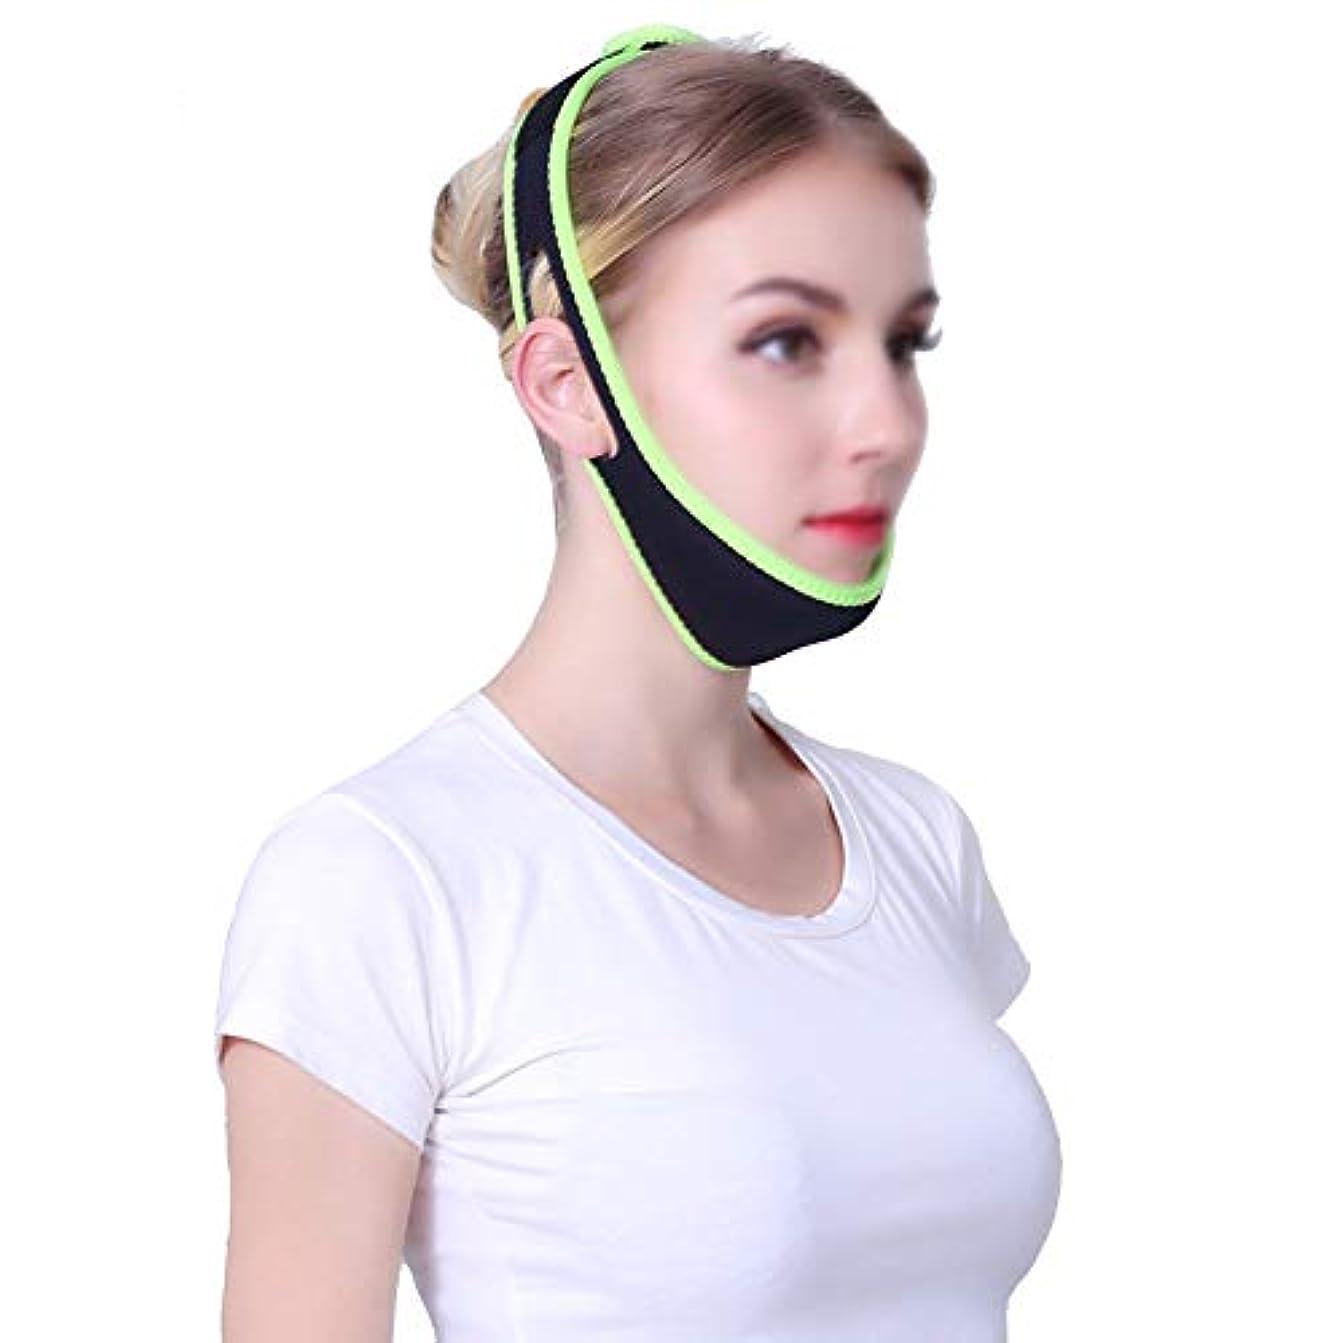 リアル宣言する経過LJK 引き締めフェイスマスク、リフティングマスク引き締めクリームフェイスリフトフェイスメロンフェイス楽器と小さなvフェイスアーティファクト睡眠薄いフェイス包帯マスク